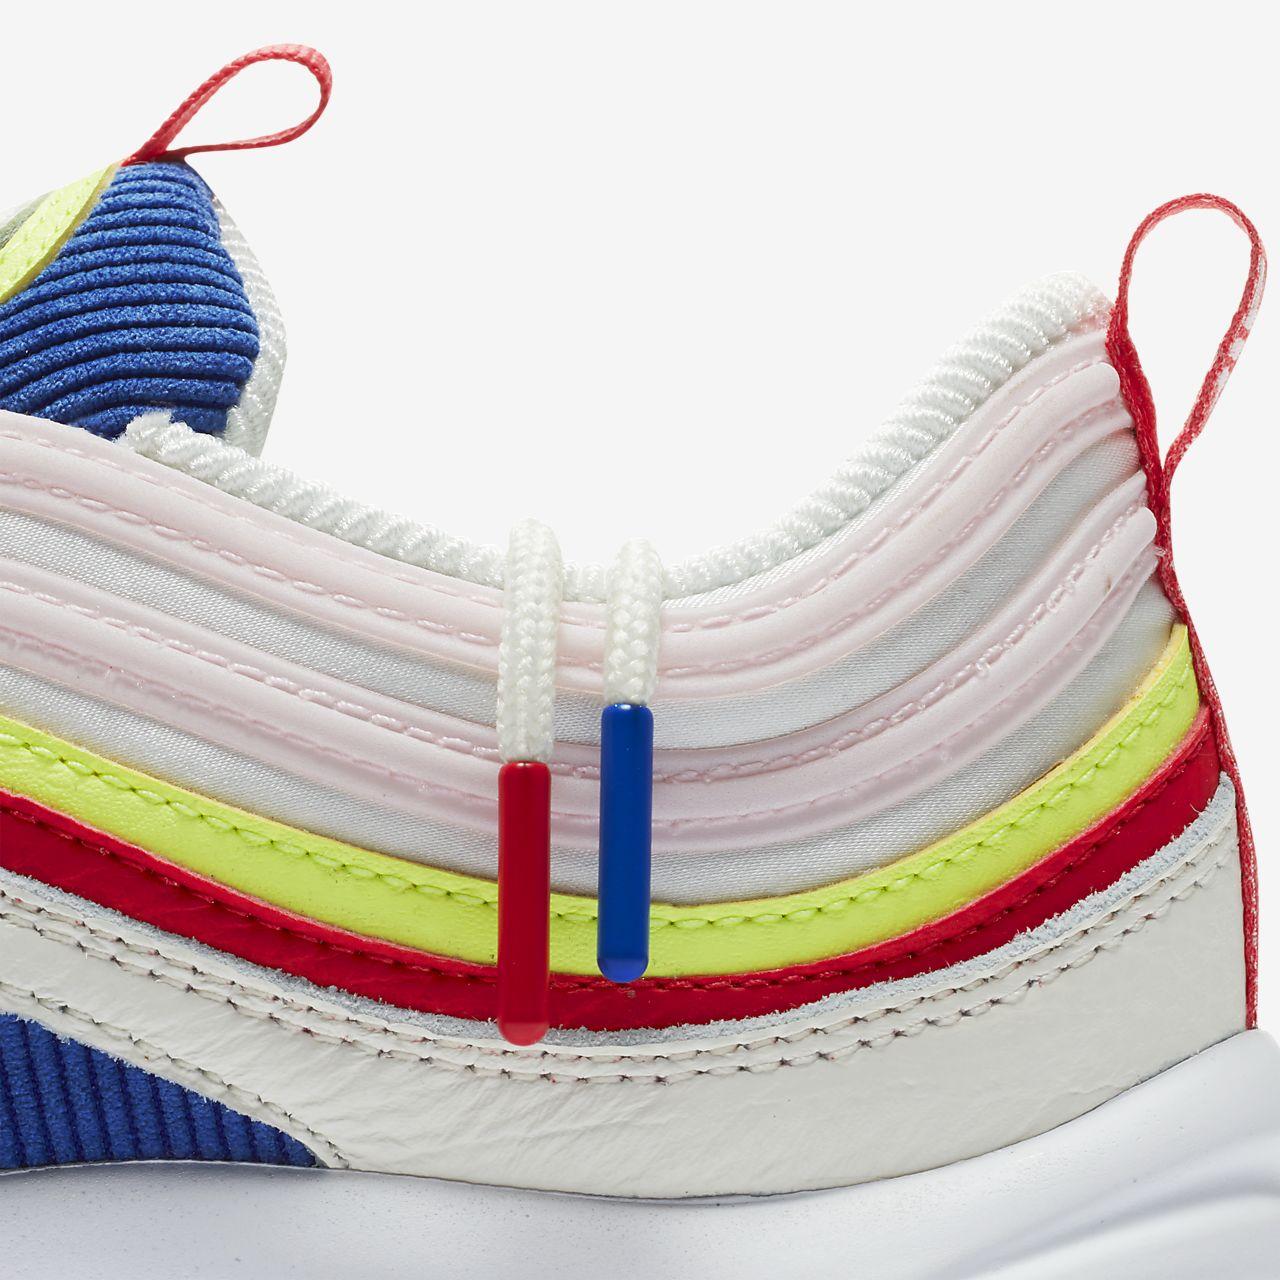 Nike Air Max 97 SE Damenschuh Offiziell-AR3263DS     007576